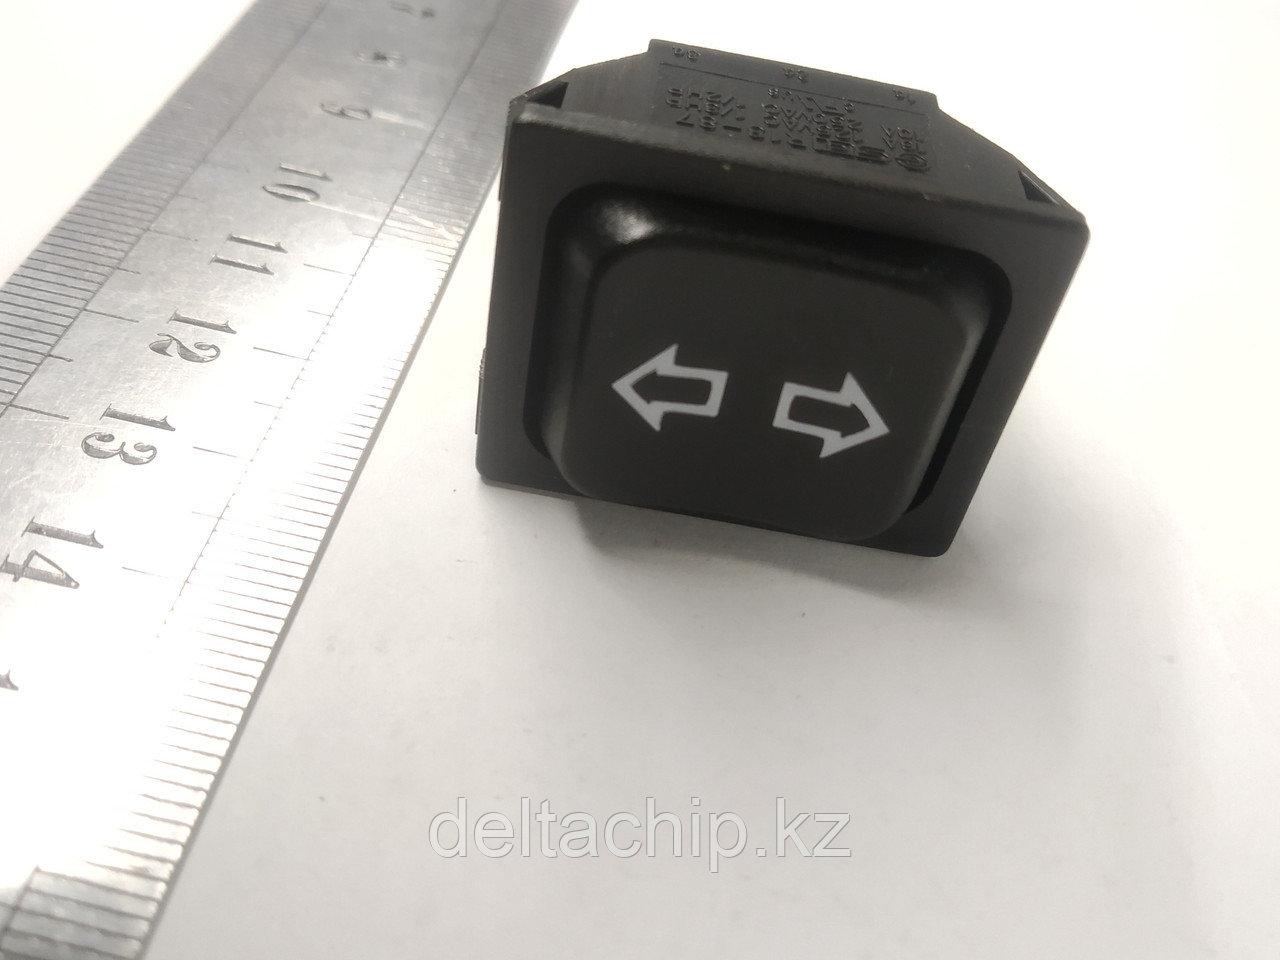 Клавиша 3 положения без фиксации 6 контактов